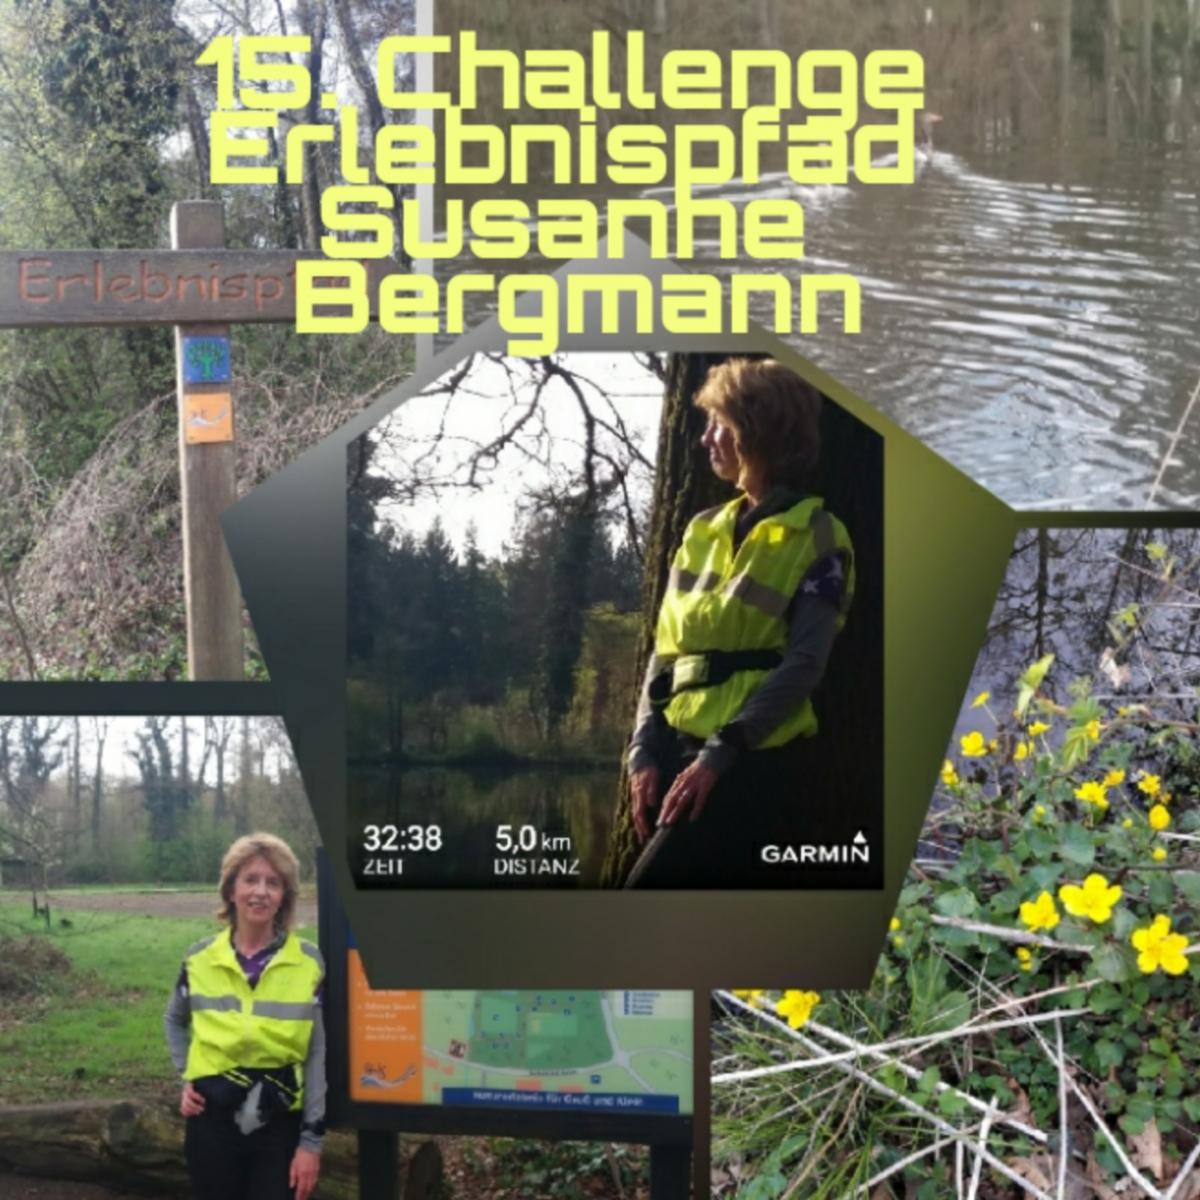 Bergmann-Susanne-15-Challenge-Erlebnispfad-25UbB